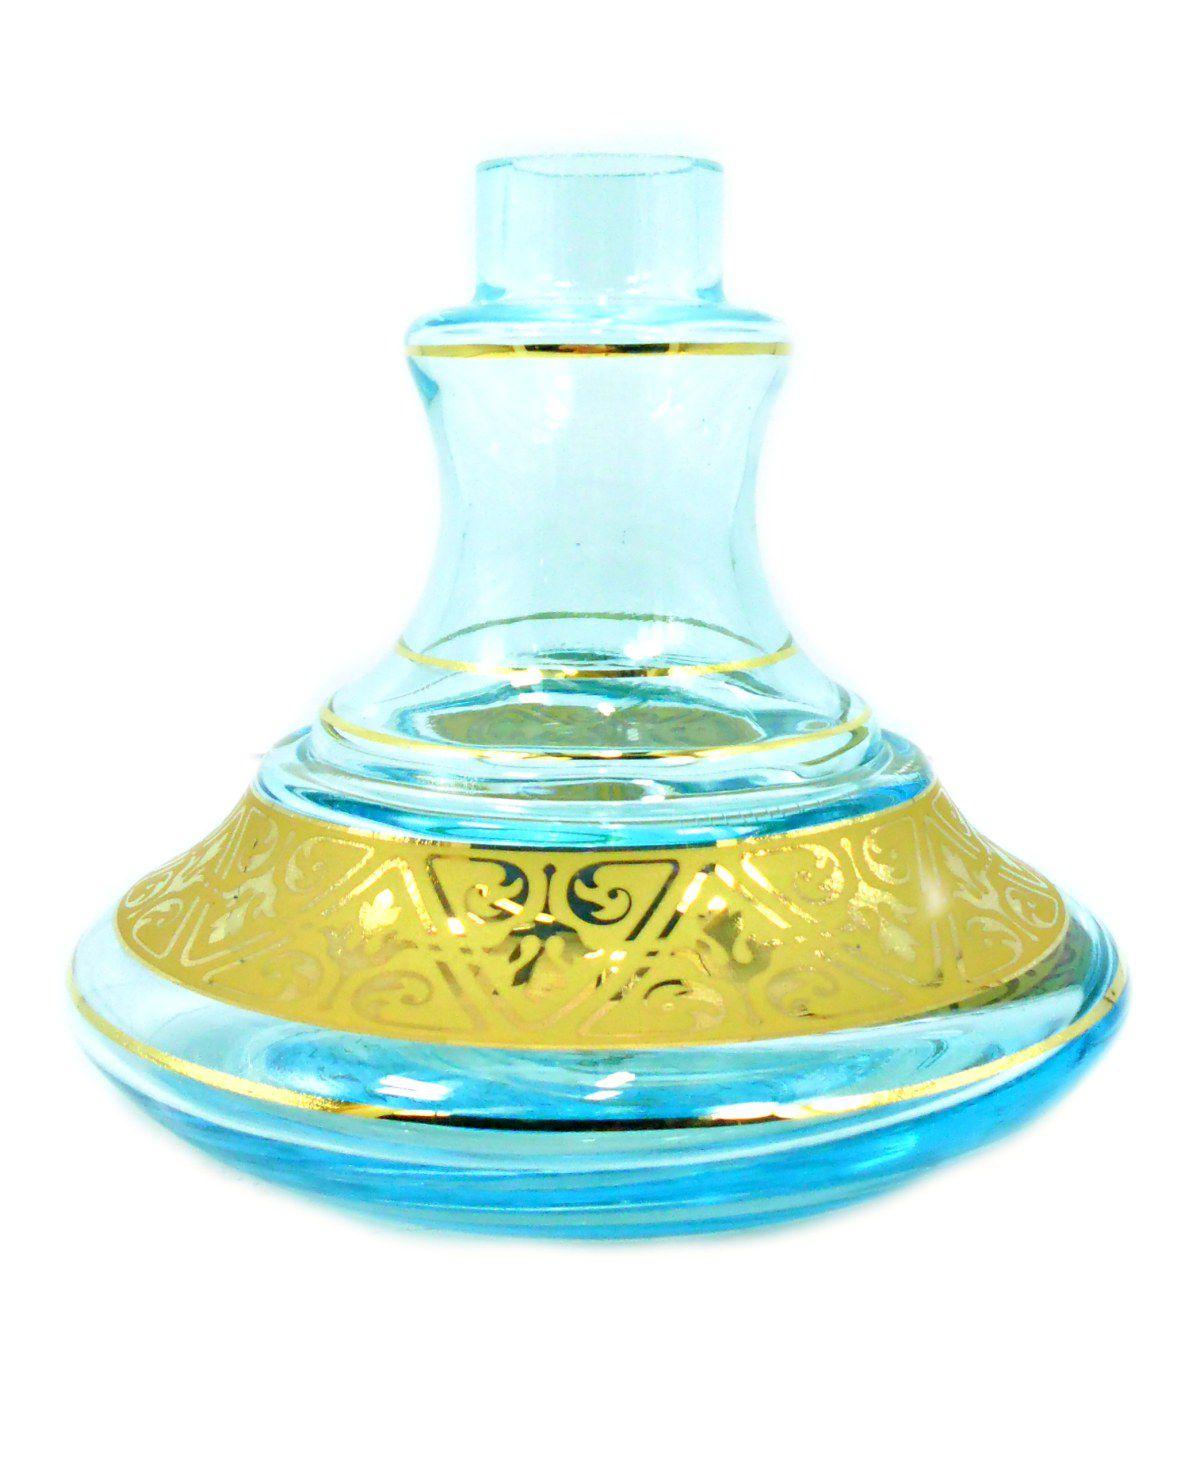 Vaso/base p/narguile ALADIN PEQUENO MG Hookah. 15cm alt, 3,8cm bocal. AZUL E FAIXA DOURADA.QB0418